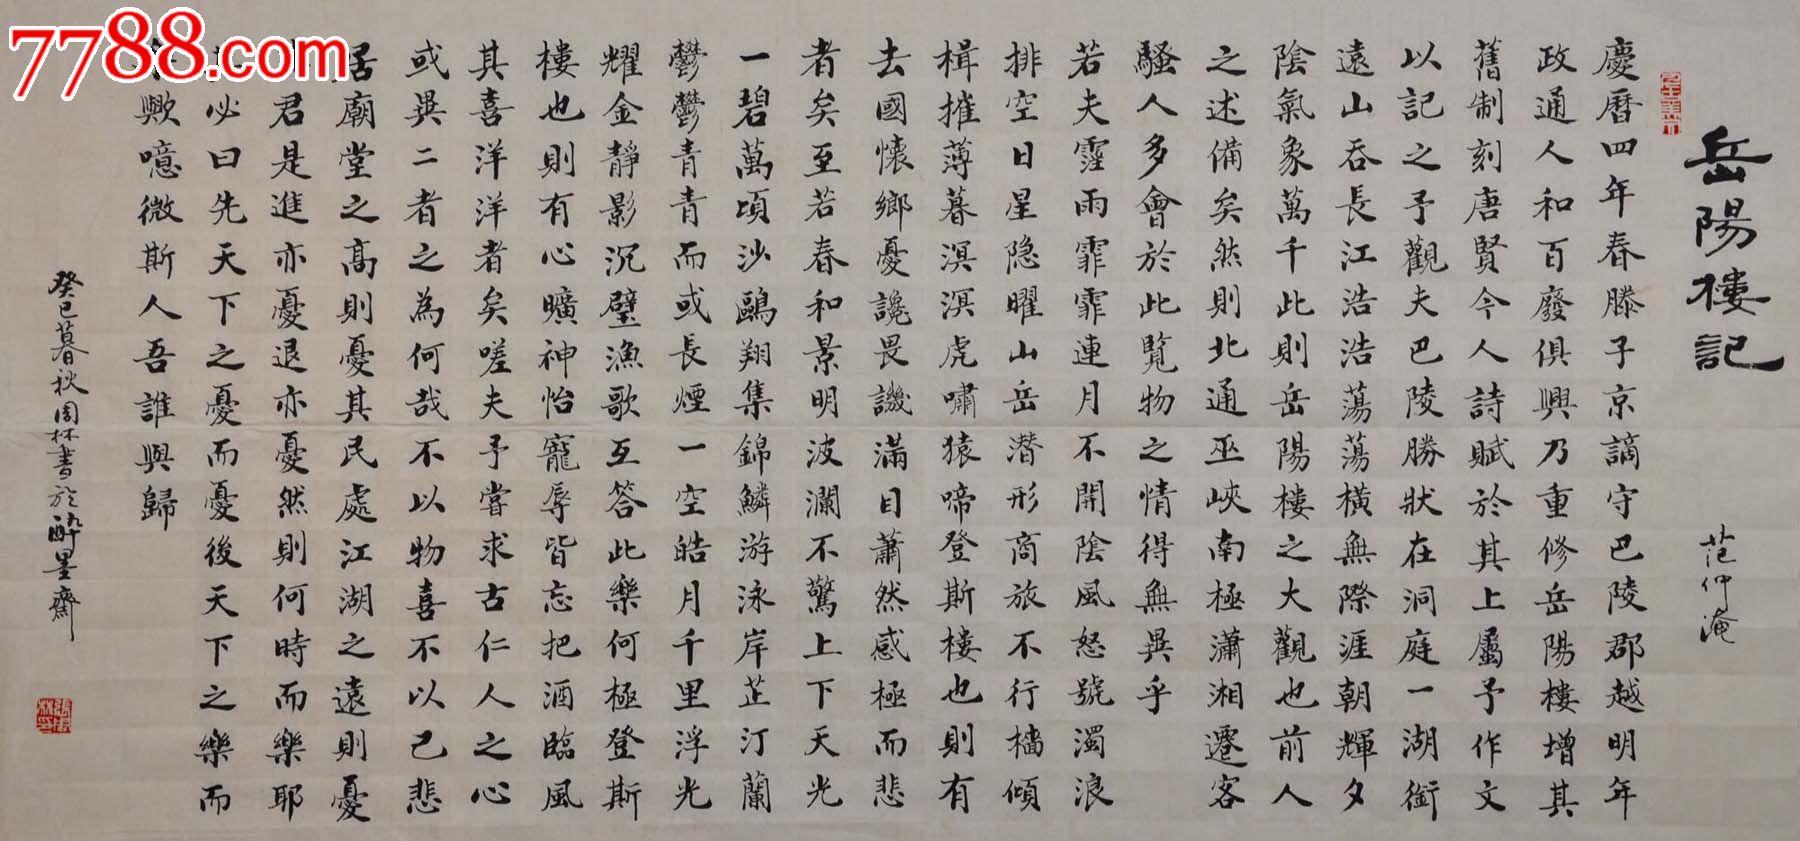 任松林楷书四字斗方 书法作品 欣赏图片